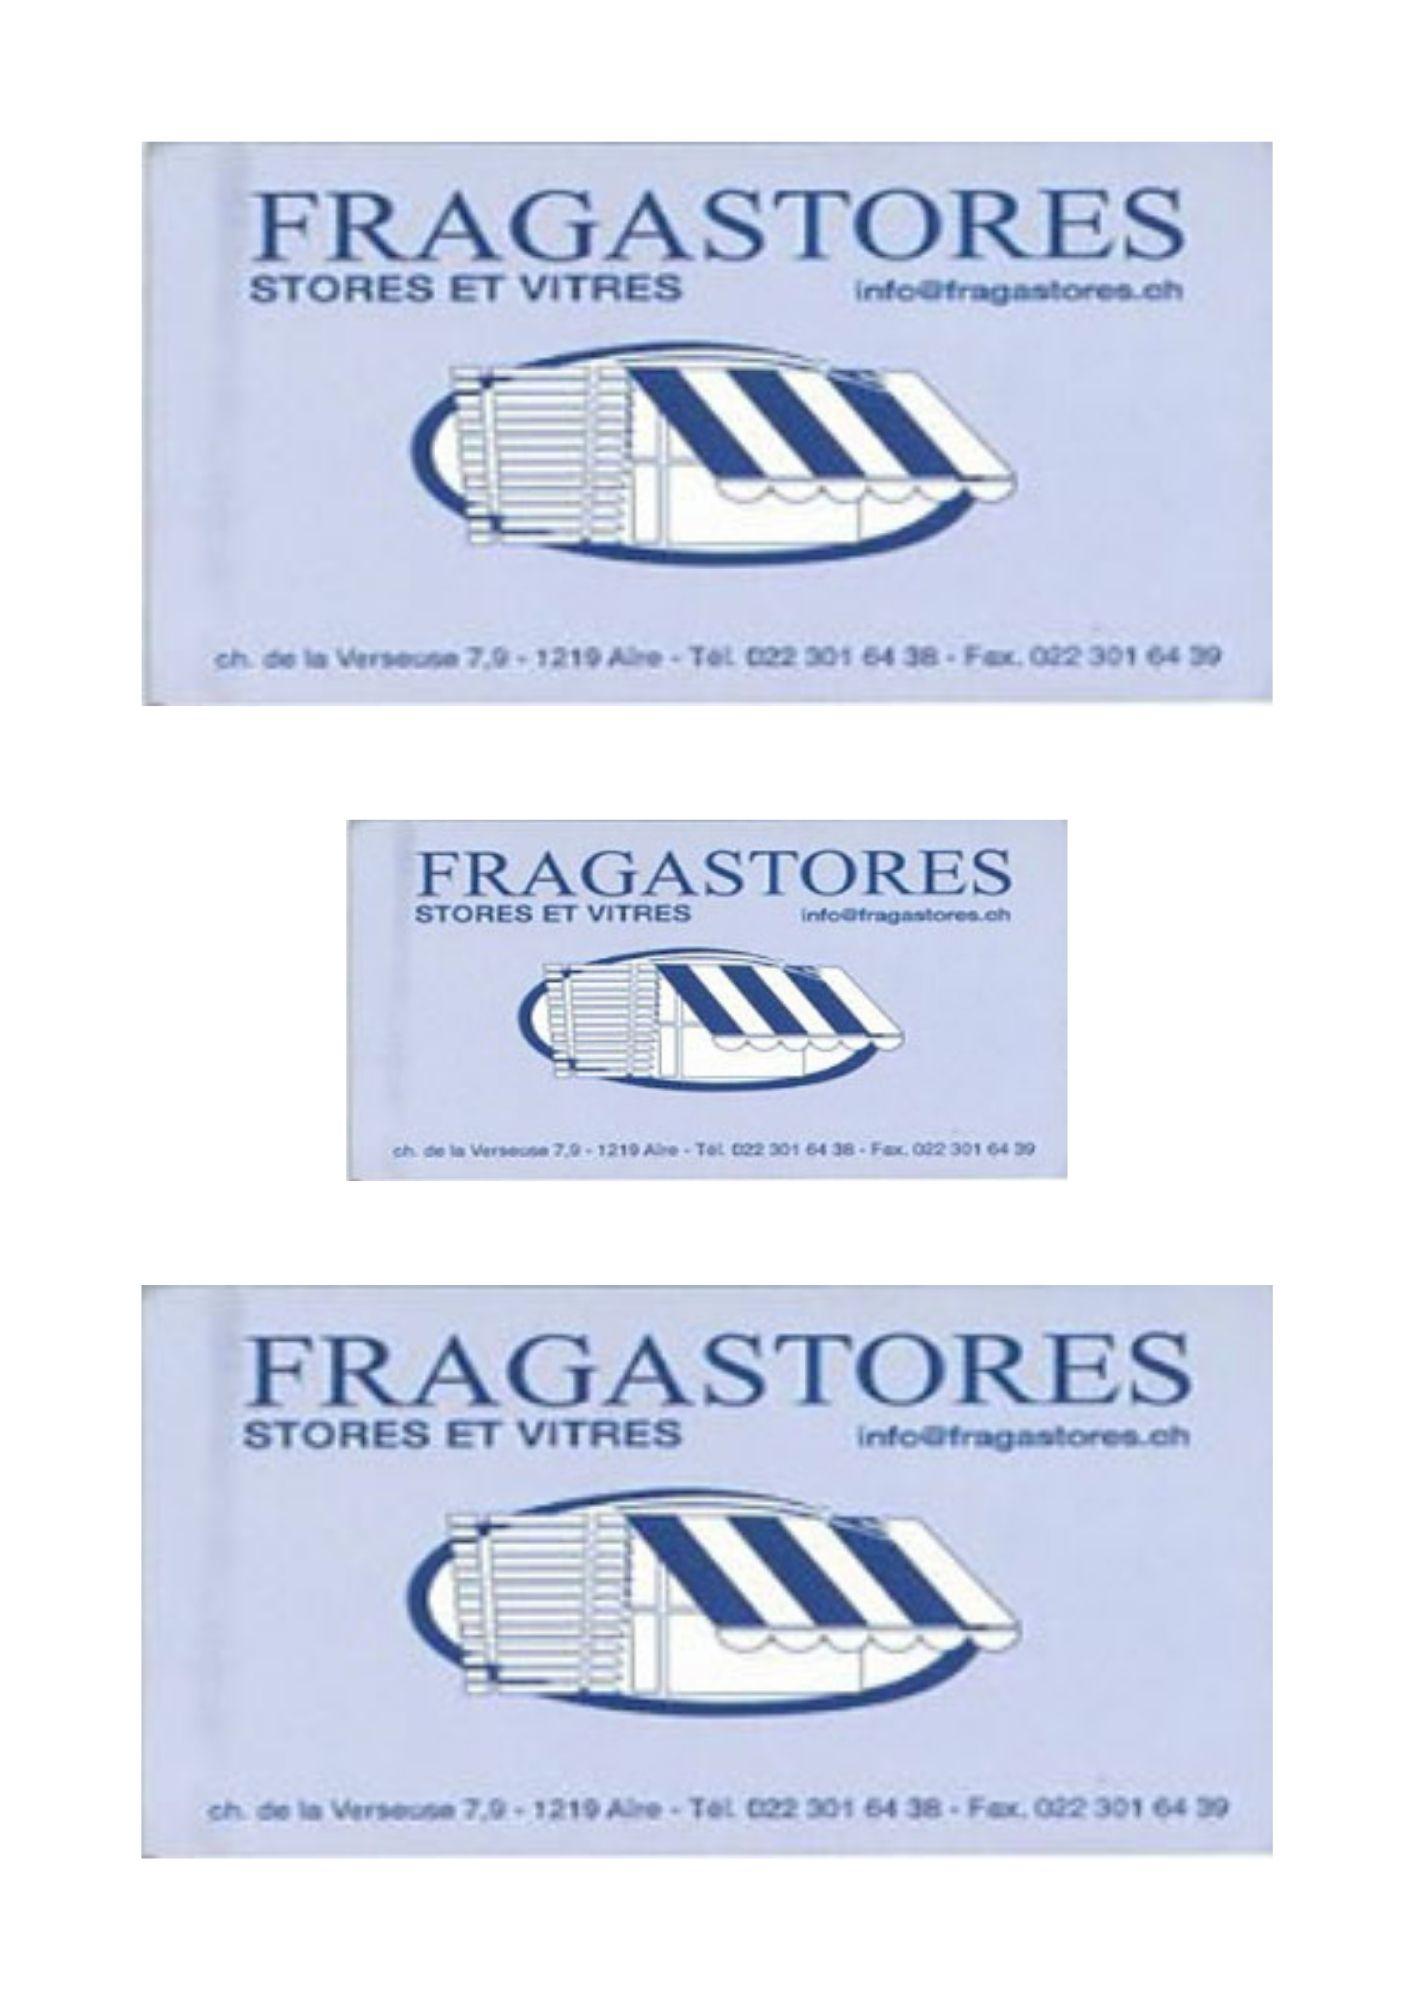 Fragastores